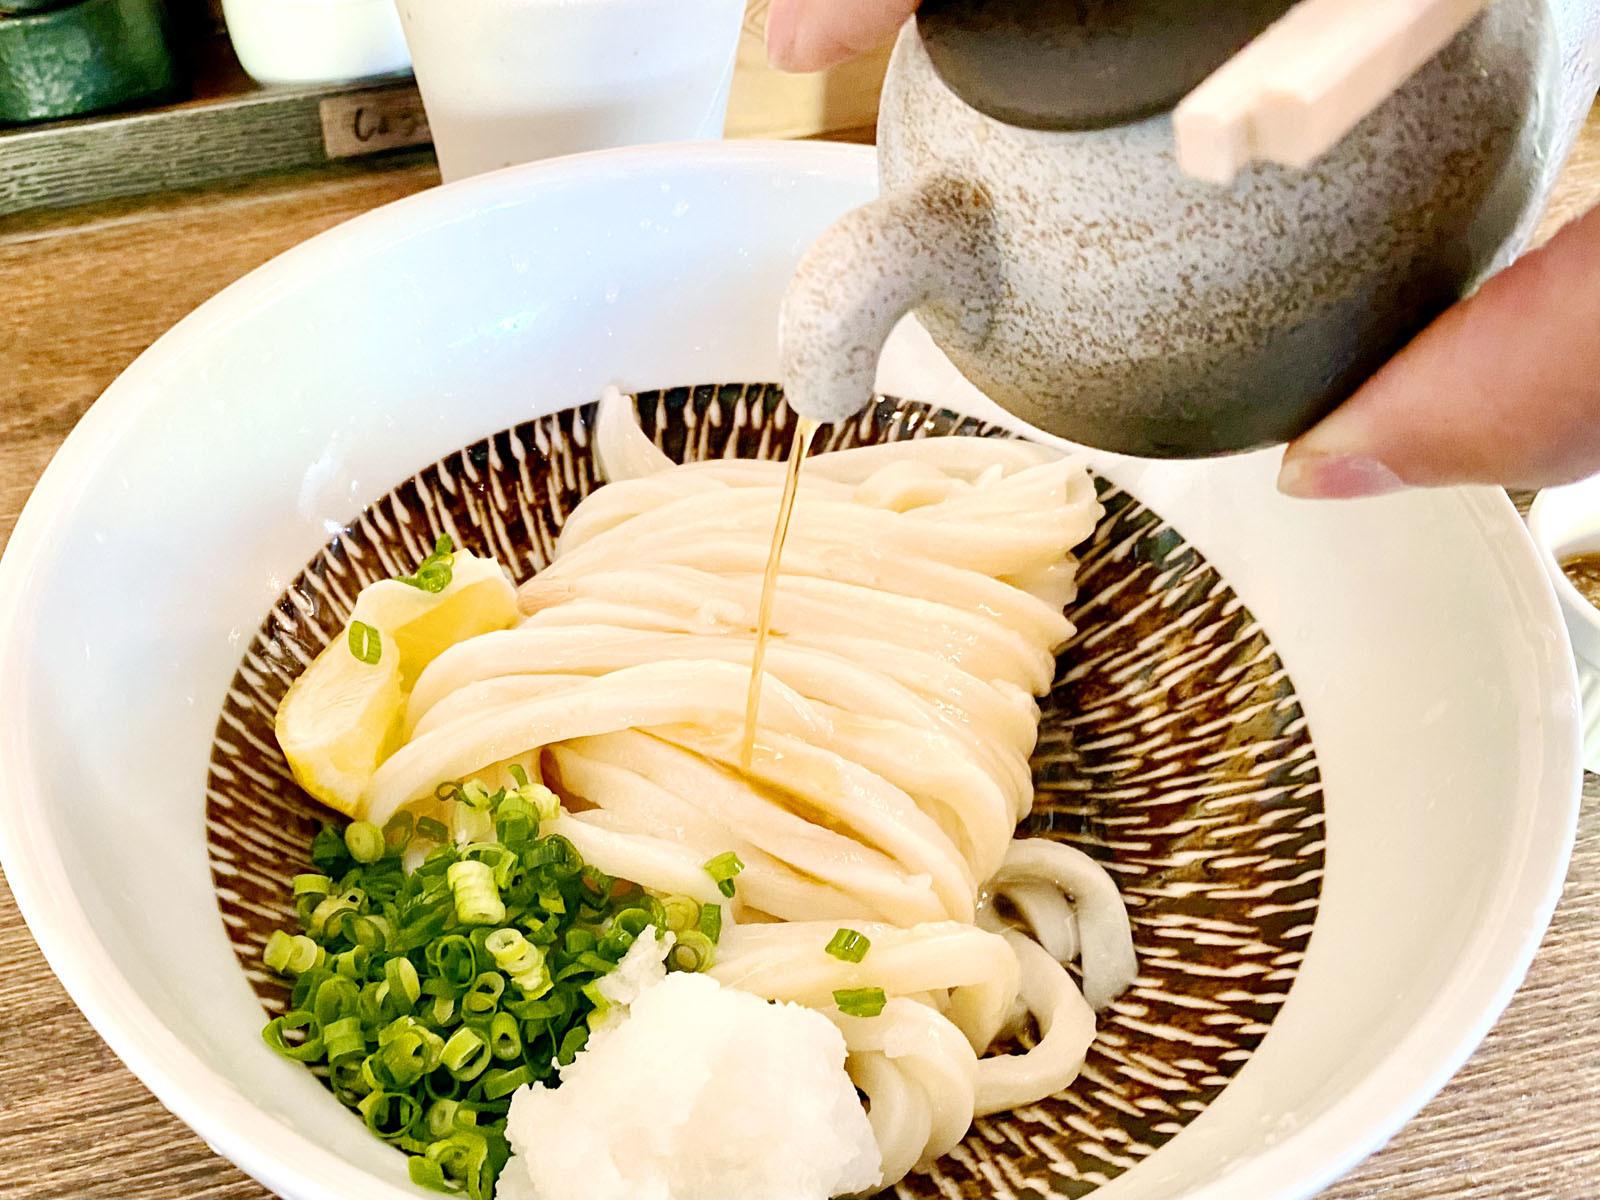 ゴリゴリいりこニンニク醤油&ピリピリしょうが醤油 580円(醤油掛け)